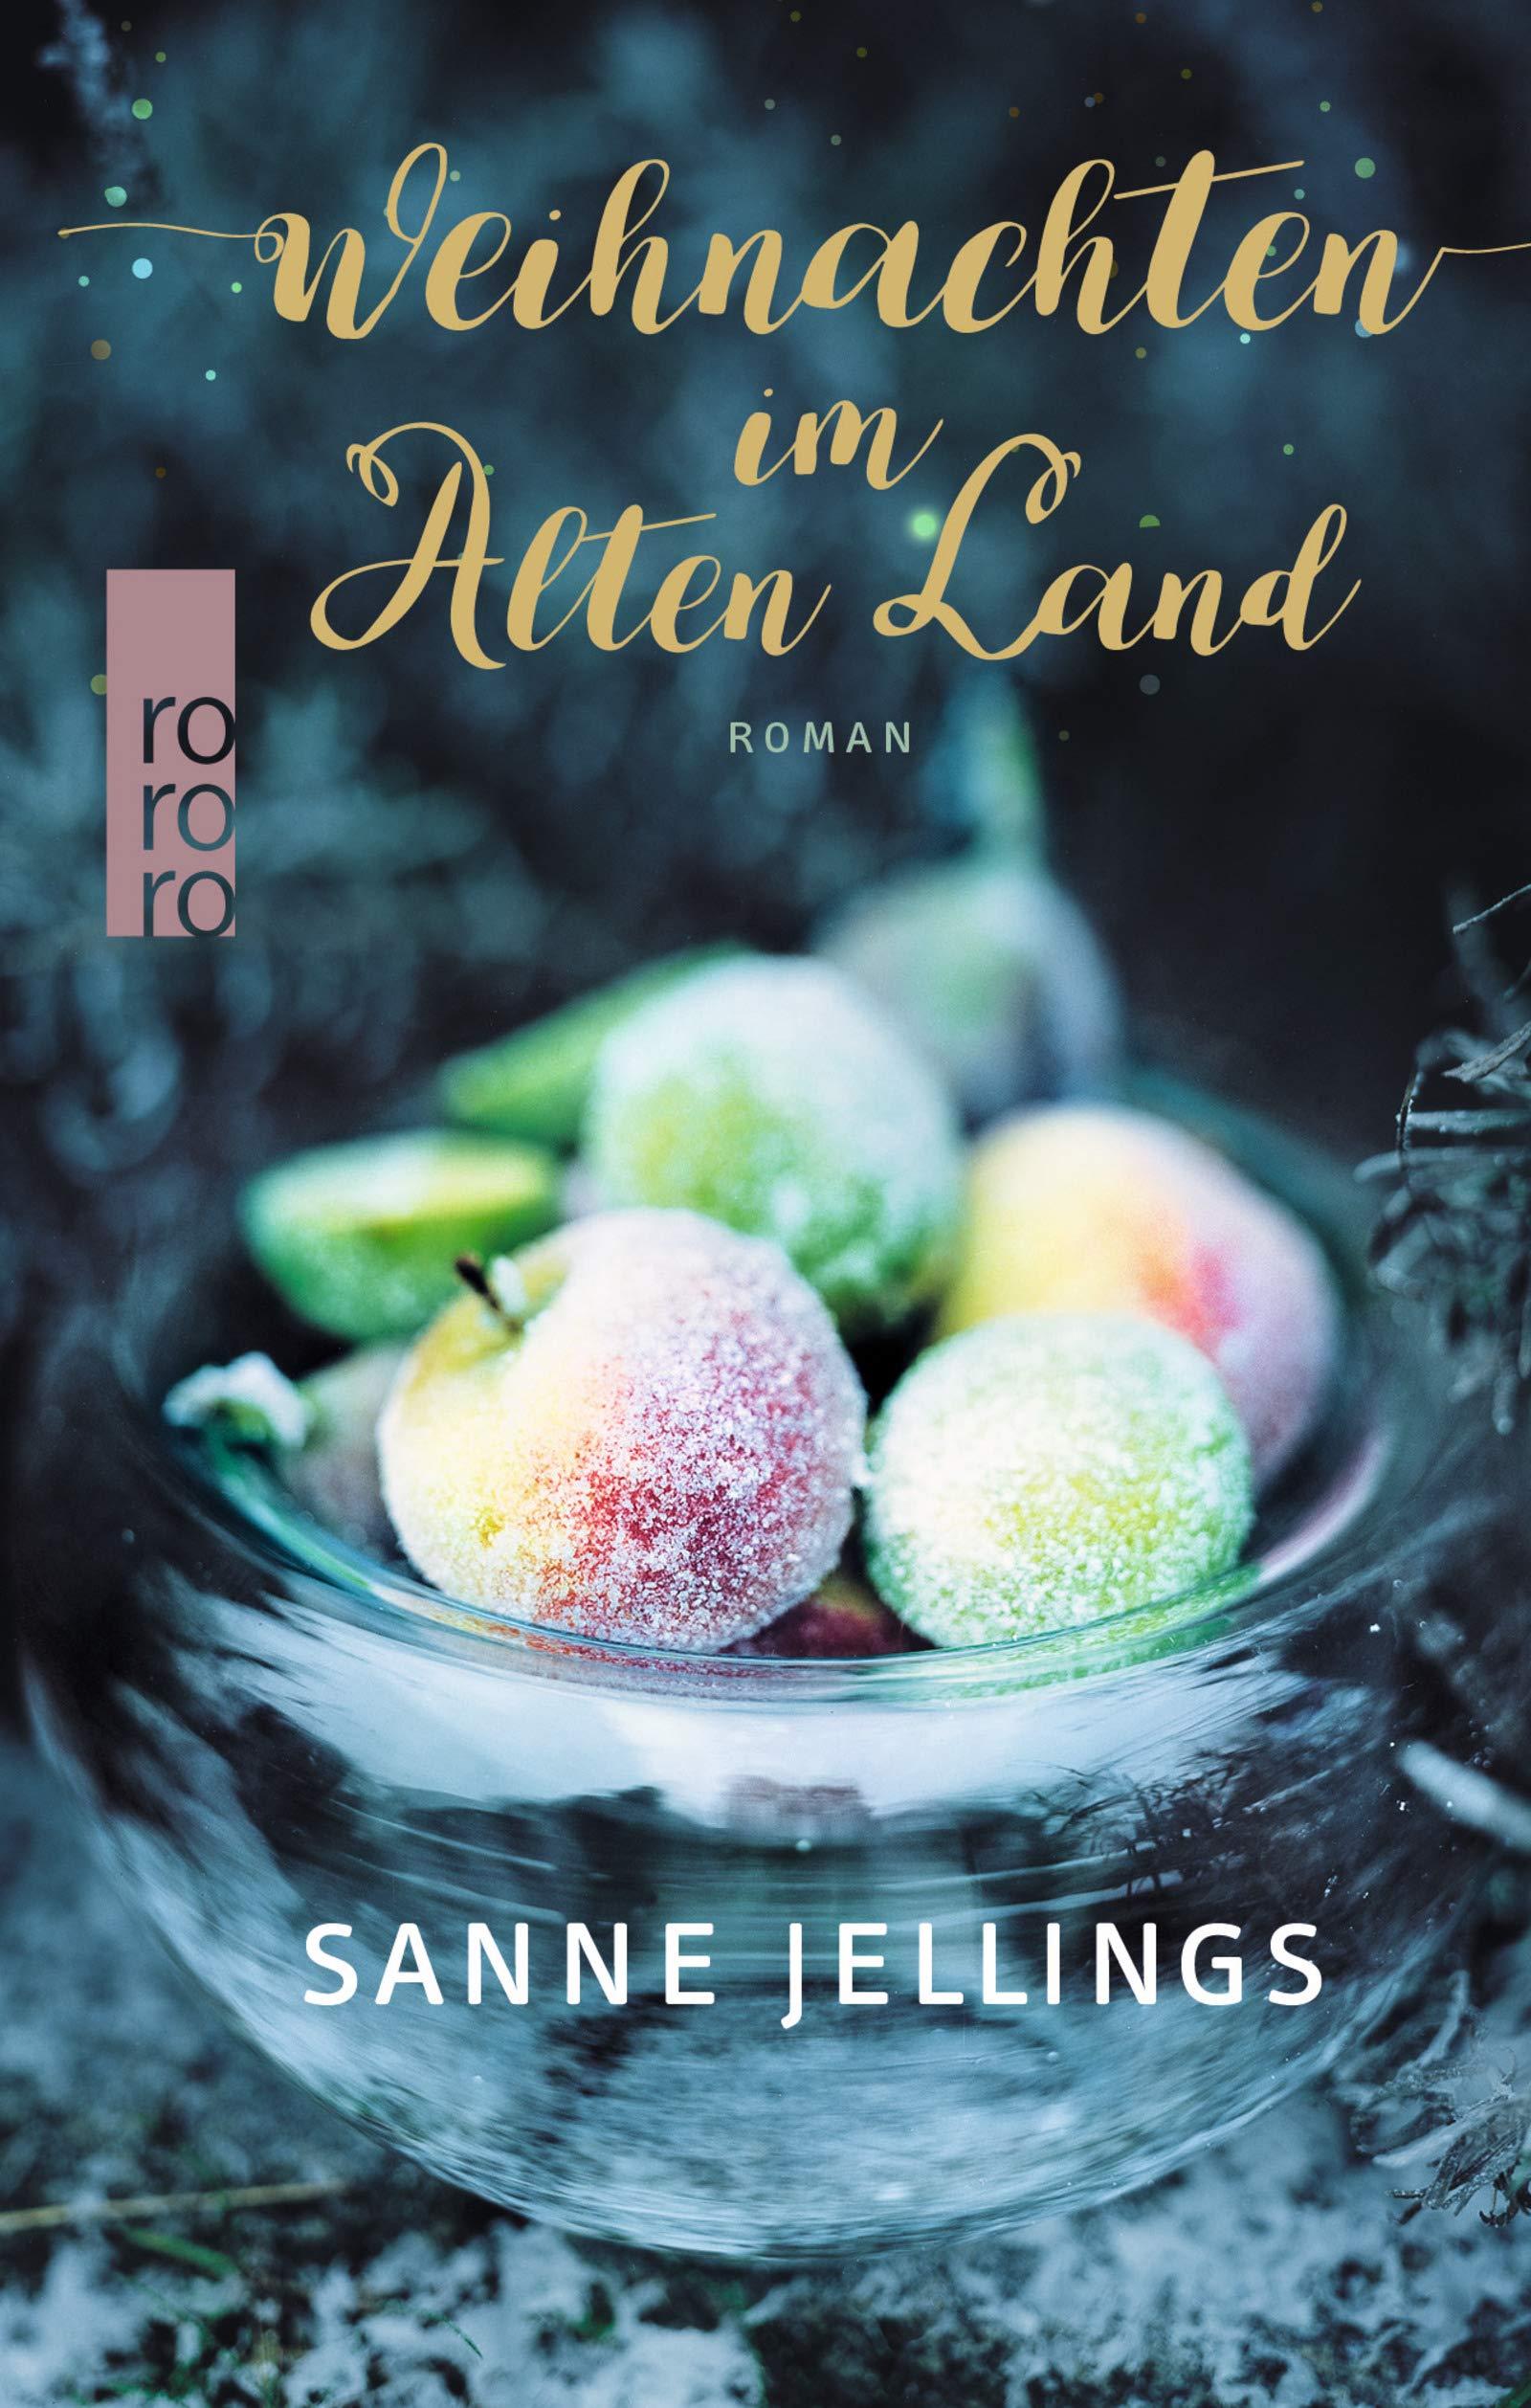 Weihnachten im Alten Land: Amazon.de: Sanne Jellings: Bücher